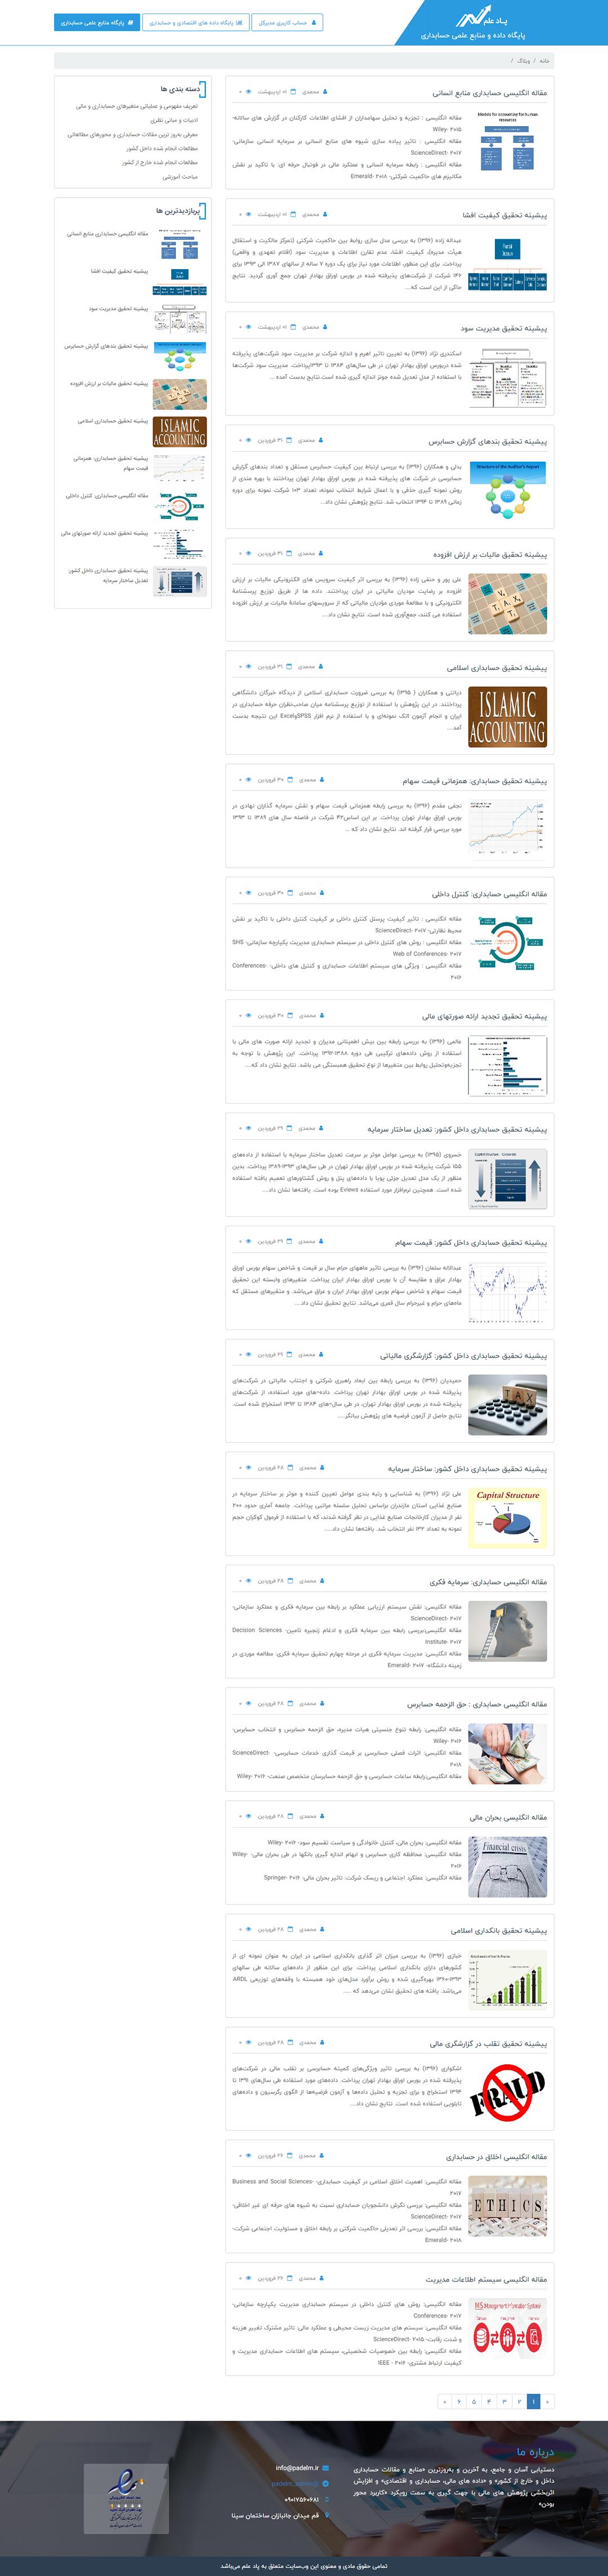 طراحی سایت پایگاه داده و منابع علمی حسابداری